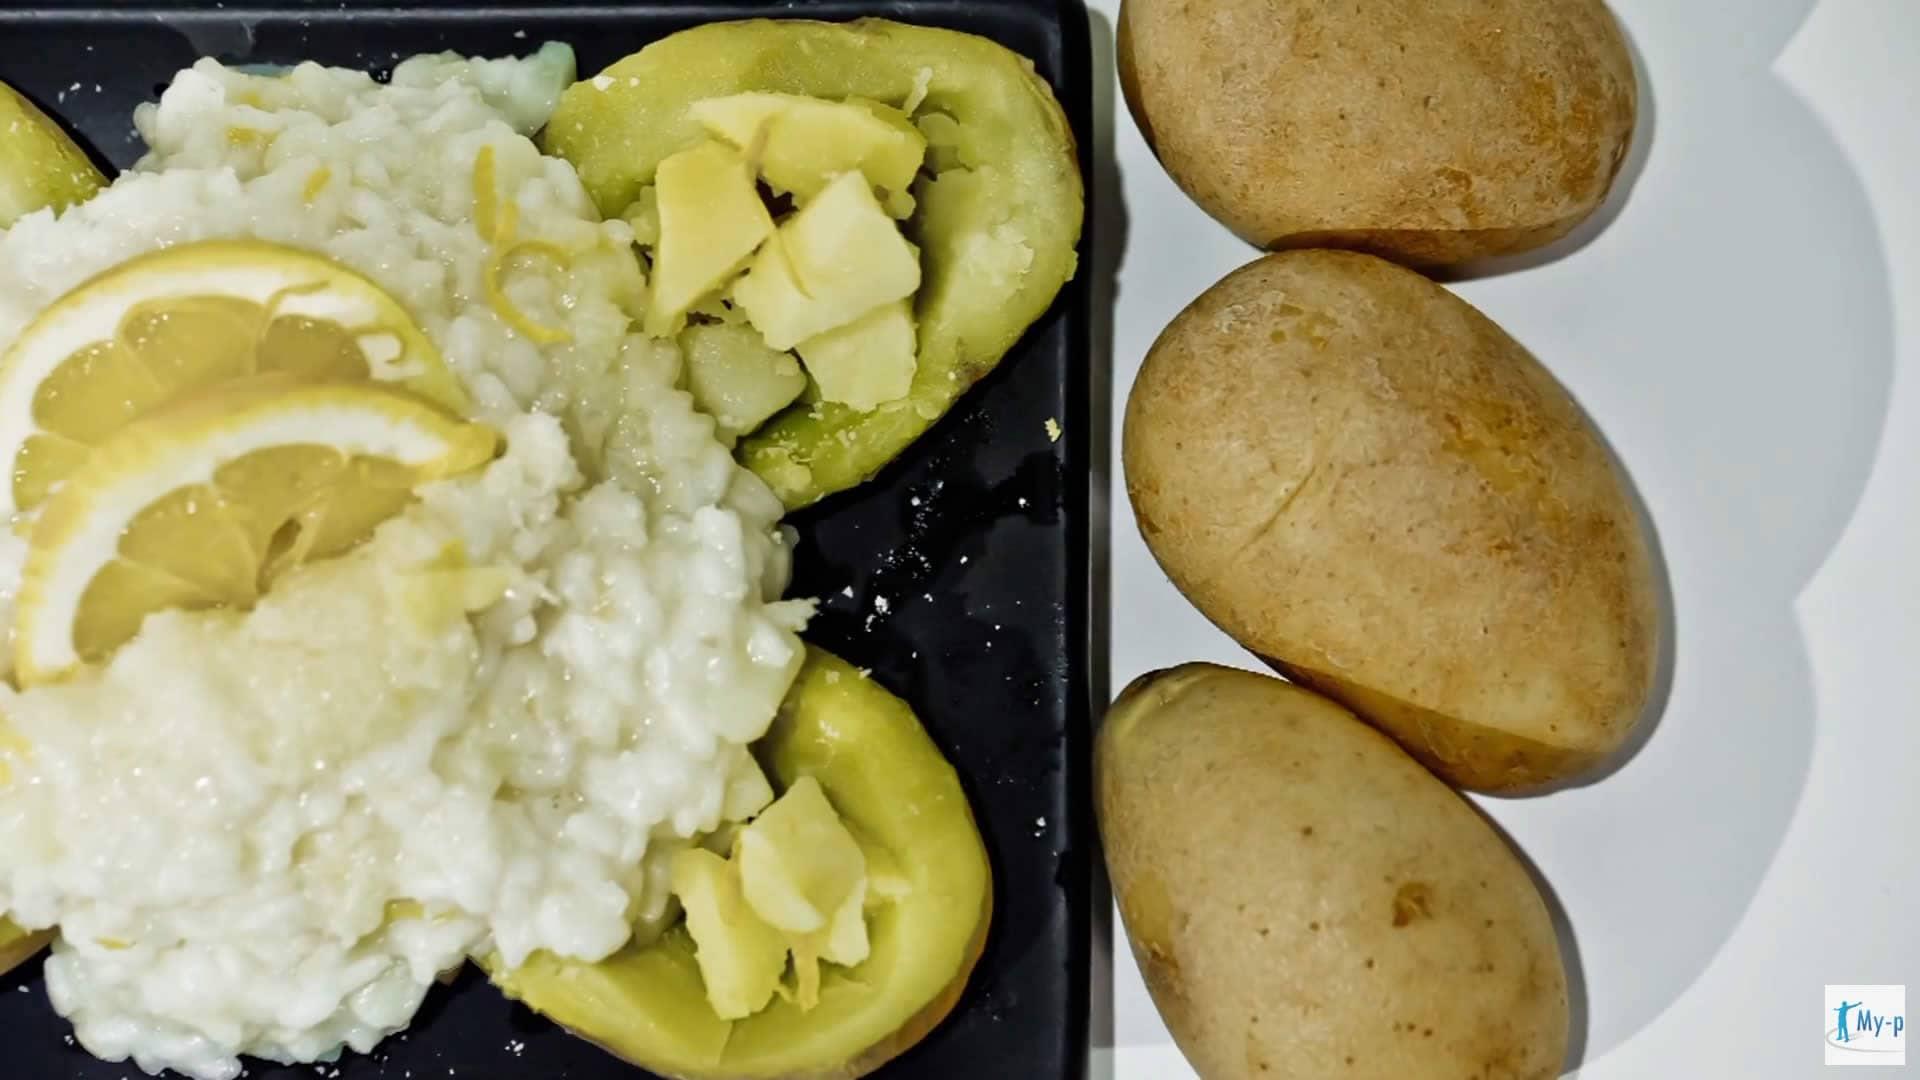 Foto Riso con patate, limone e grana - ricetta funzionale contro diarrea ed influenza intestinale